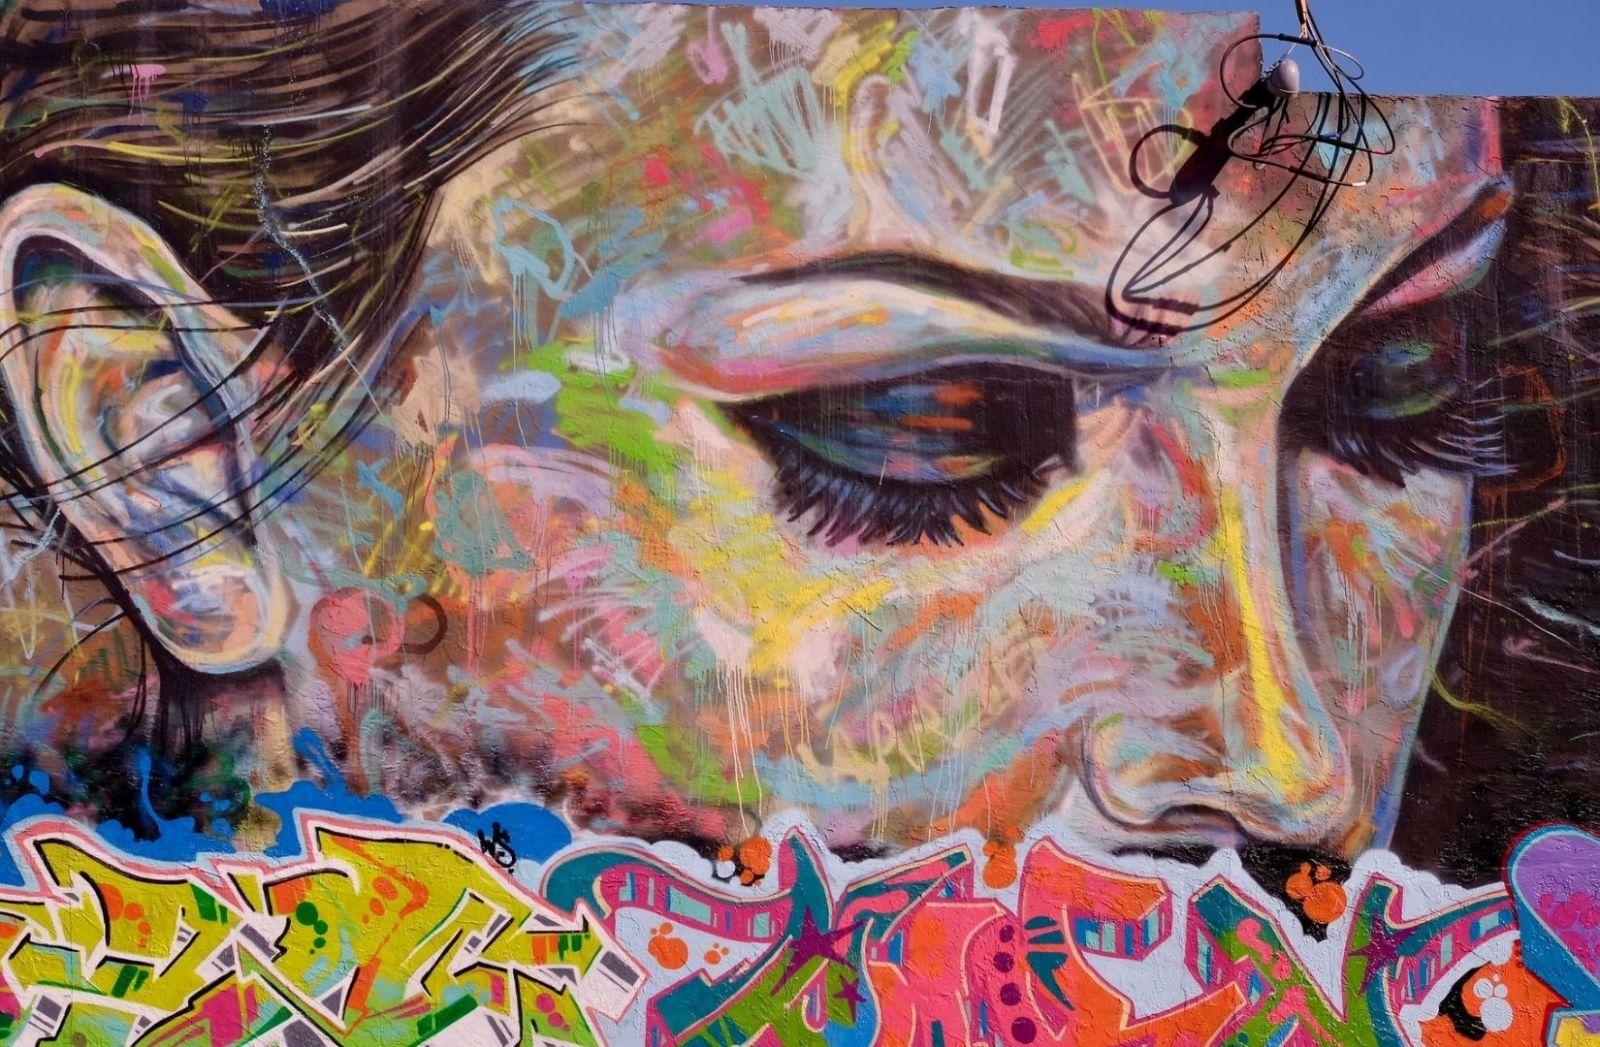 Der Mob kann sich an Schönheit nicht begeistern. (Foto: Bruce Warrington, Unsplash.com)